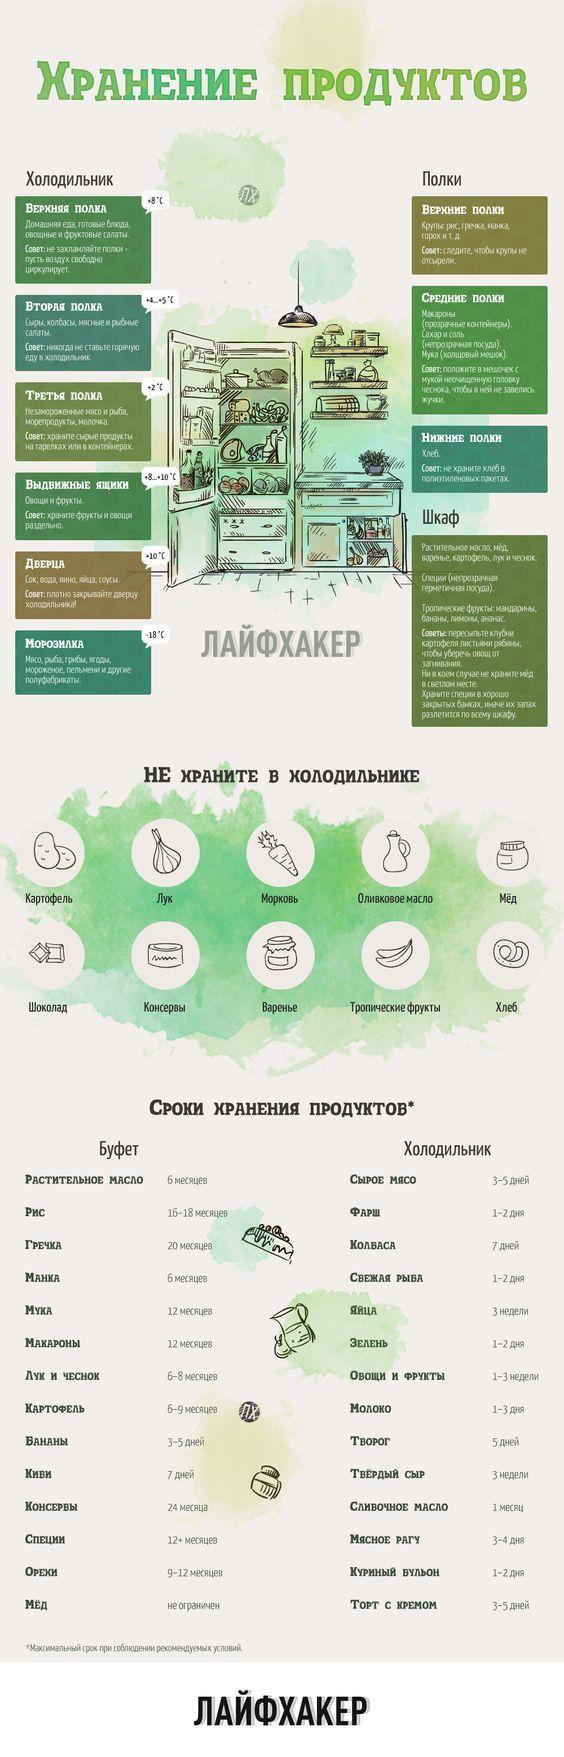 Как хранить продукты - Лайфхакер: